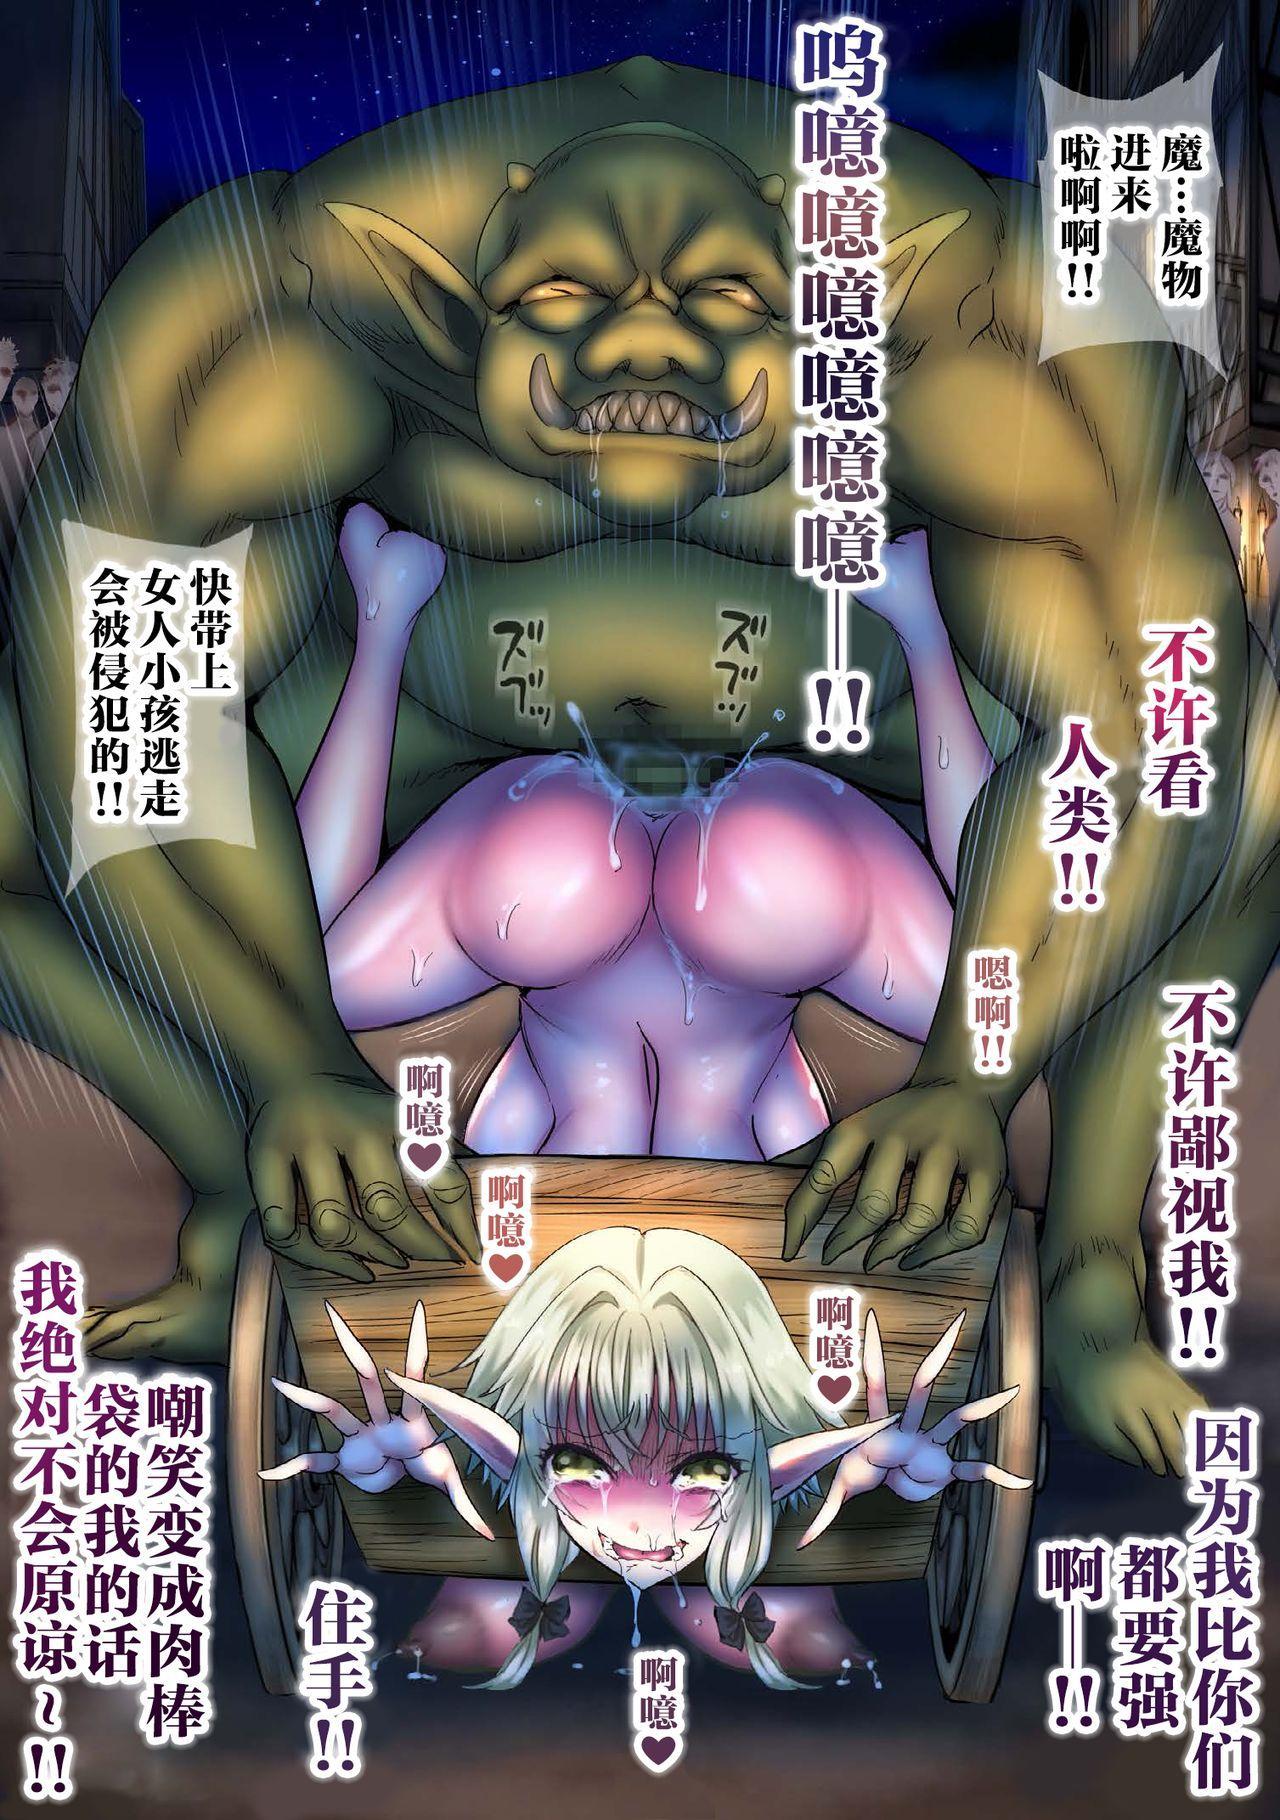 Zenmetsu Party Rape 3 | 全灭强奸派对3 70